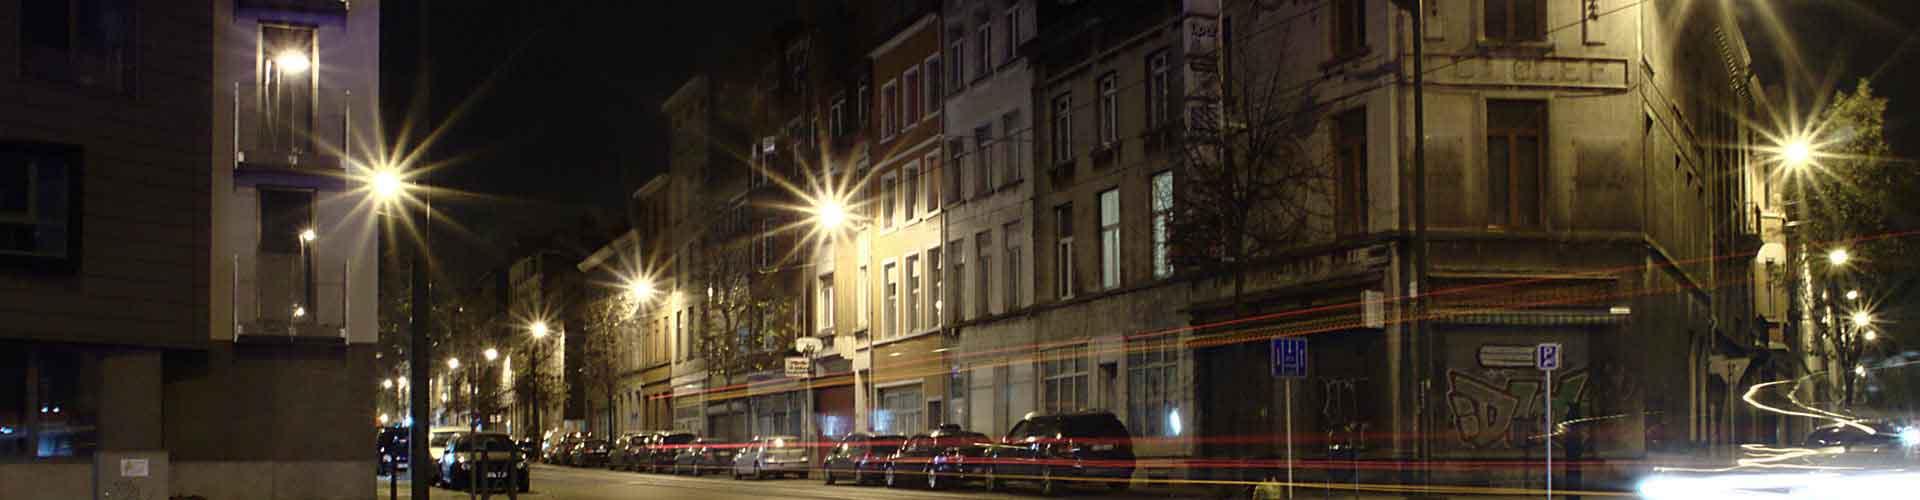 ブリュッセル – Molenbeek-Saint-Jean地区のホテル. 地図 ブリュッセル, すべてのホテルの写真とレビュー ブリュッセル.